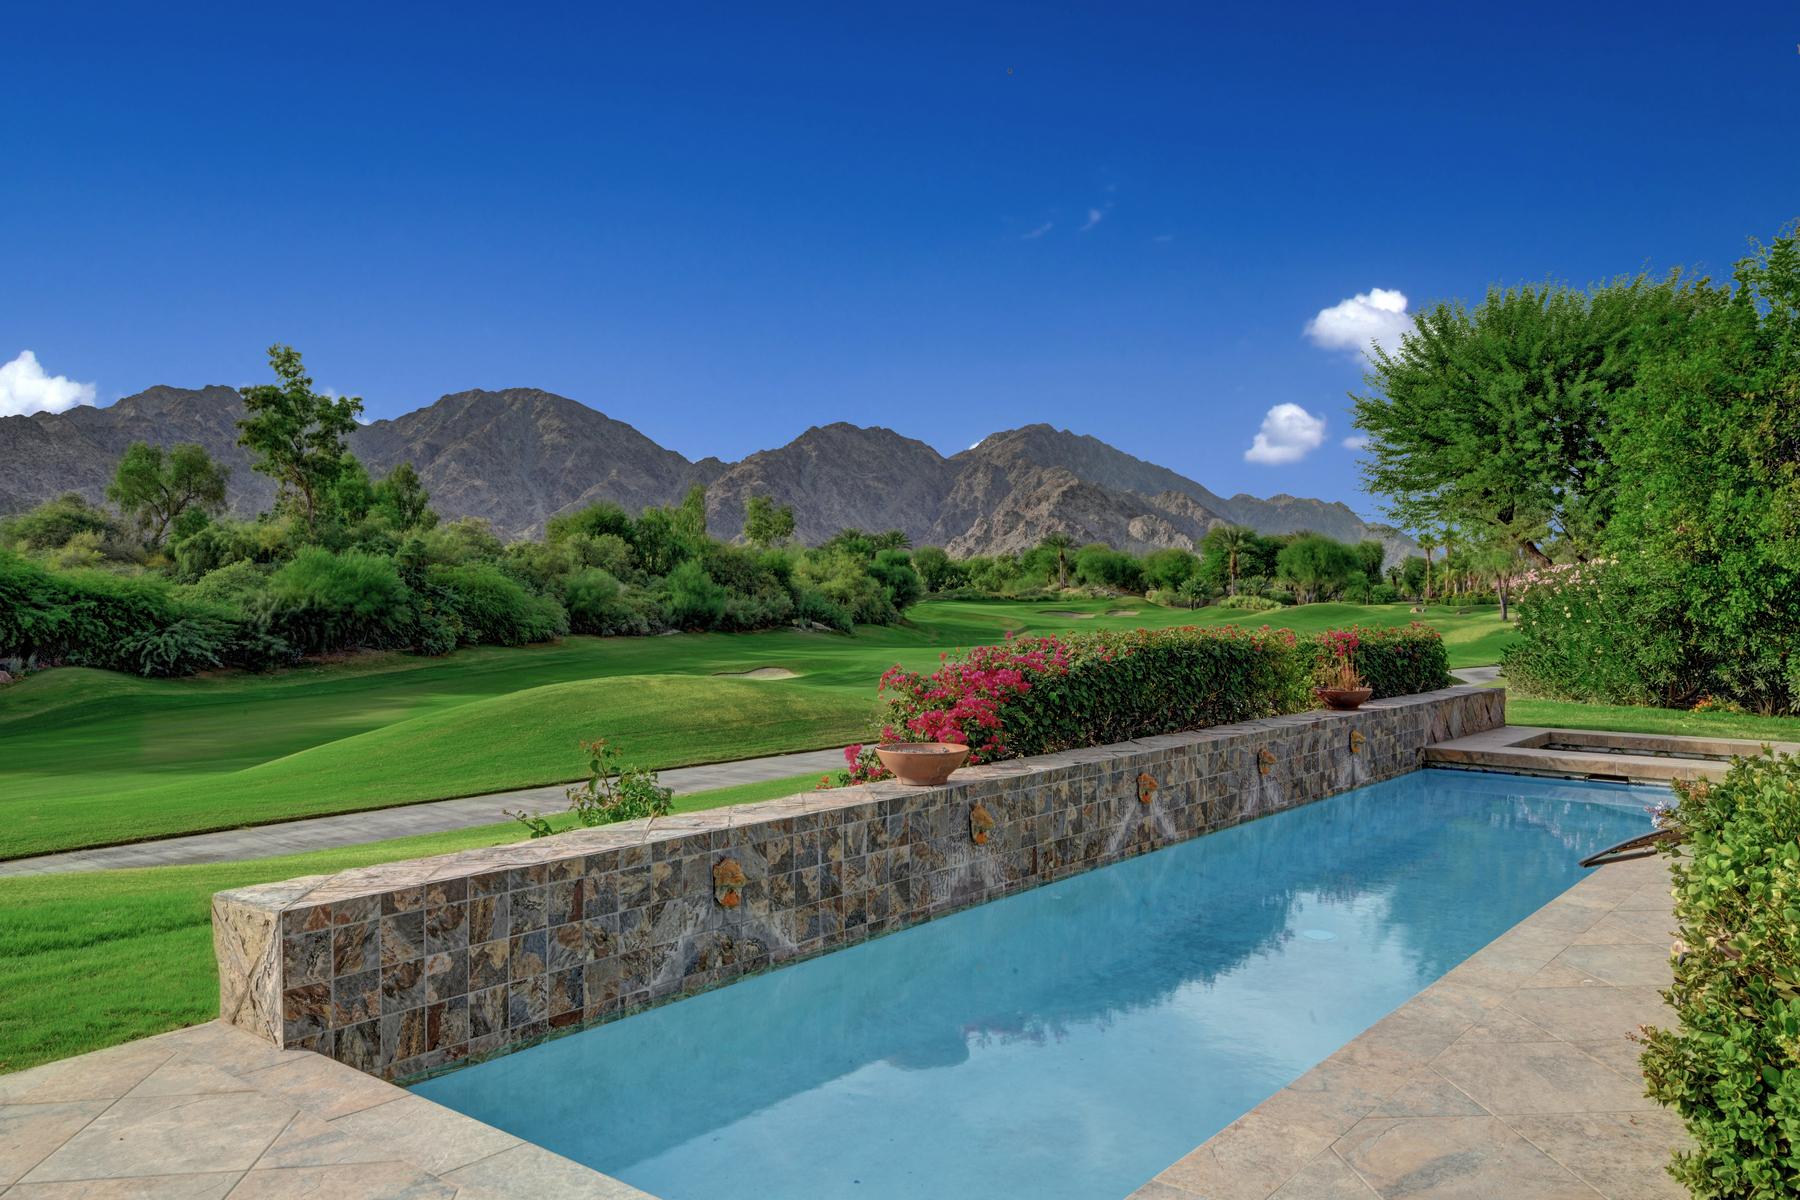 Single Family Homes for Sale at 57771 Interlachen La Quinta, California 92253 United States